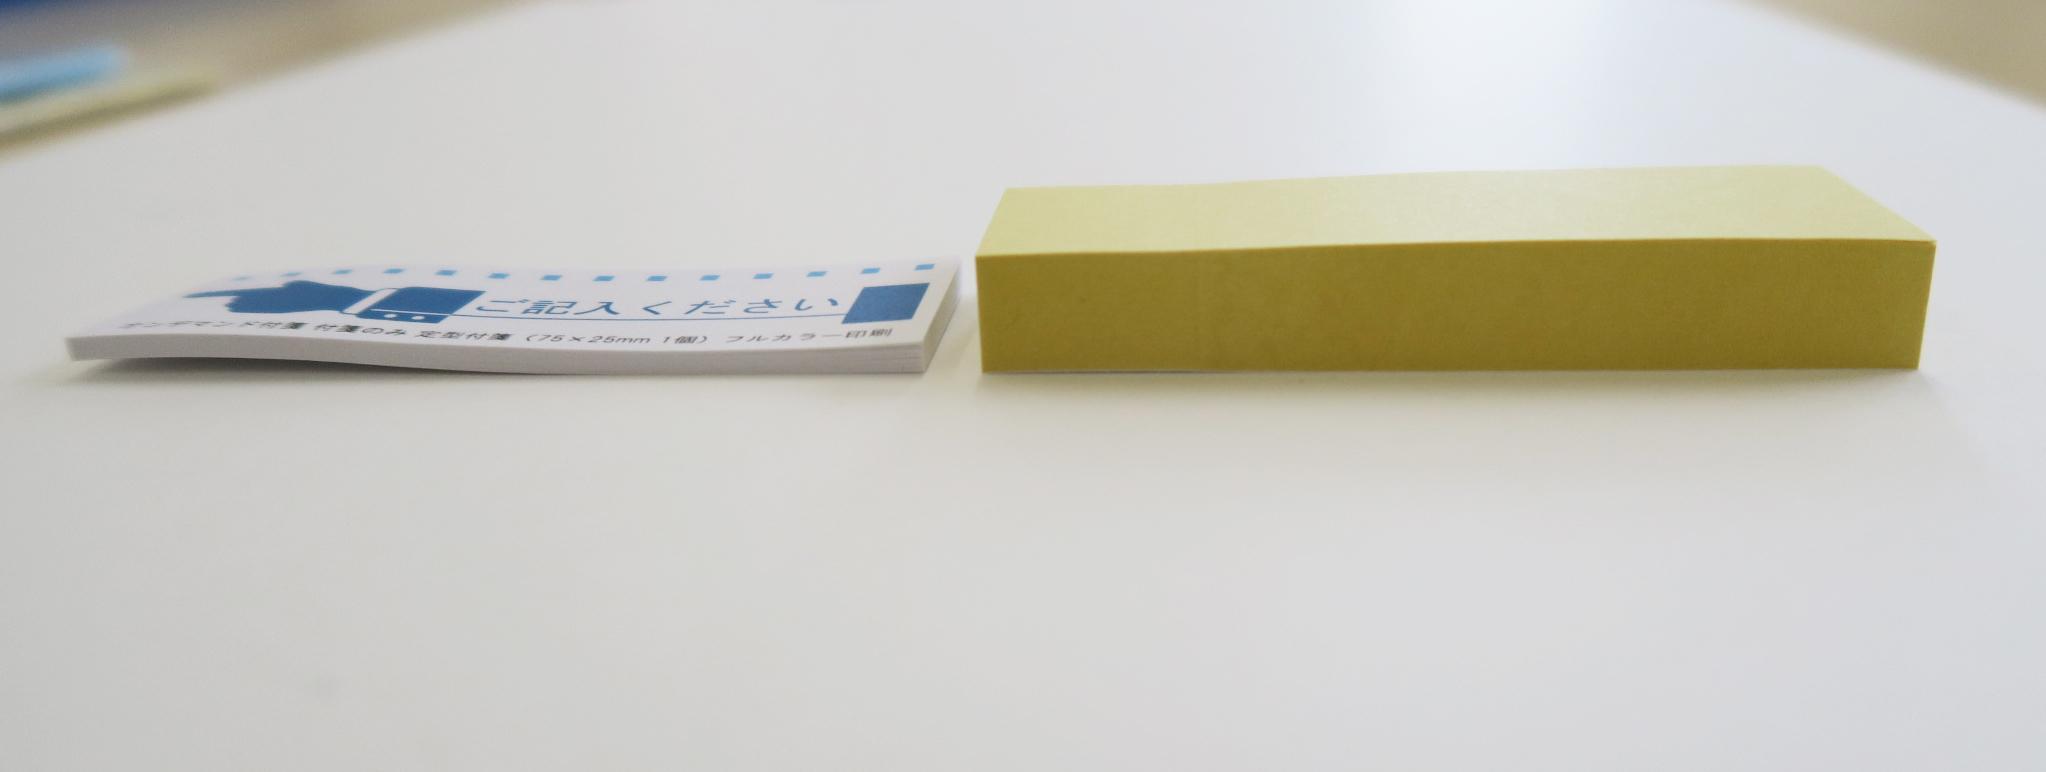 【付箋】新商品について3_d0095746_15542557.jpg